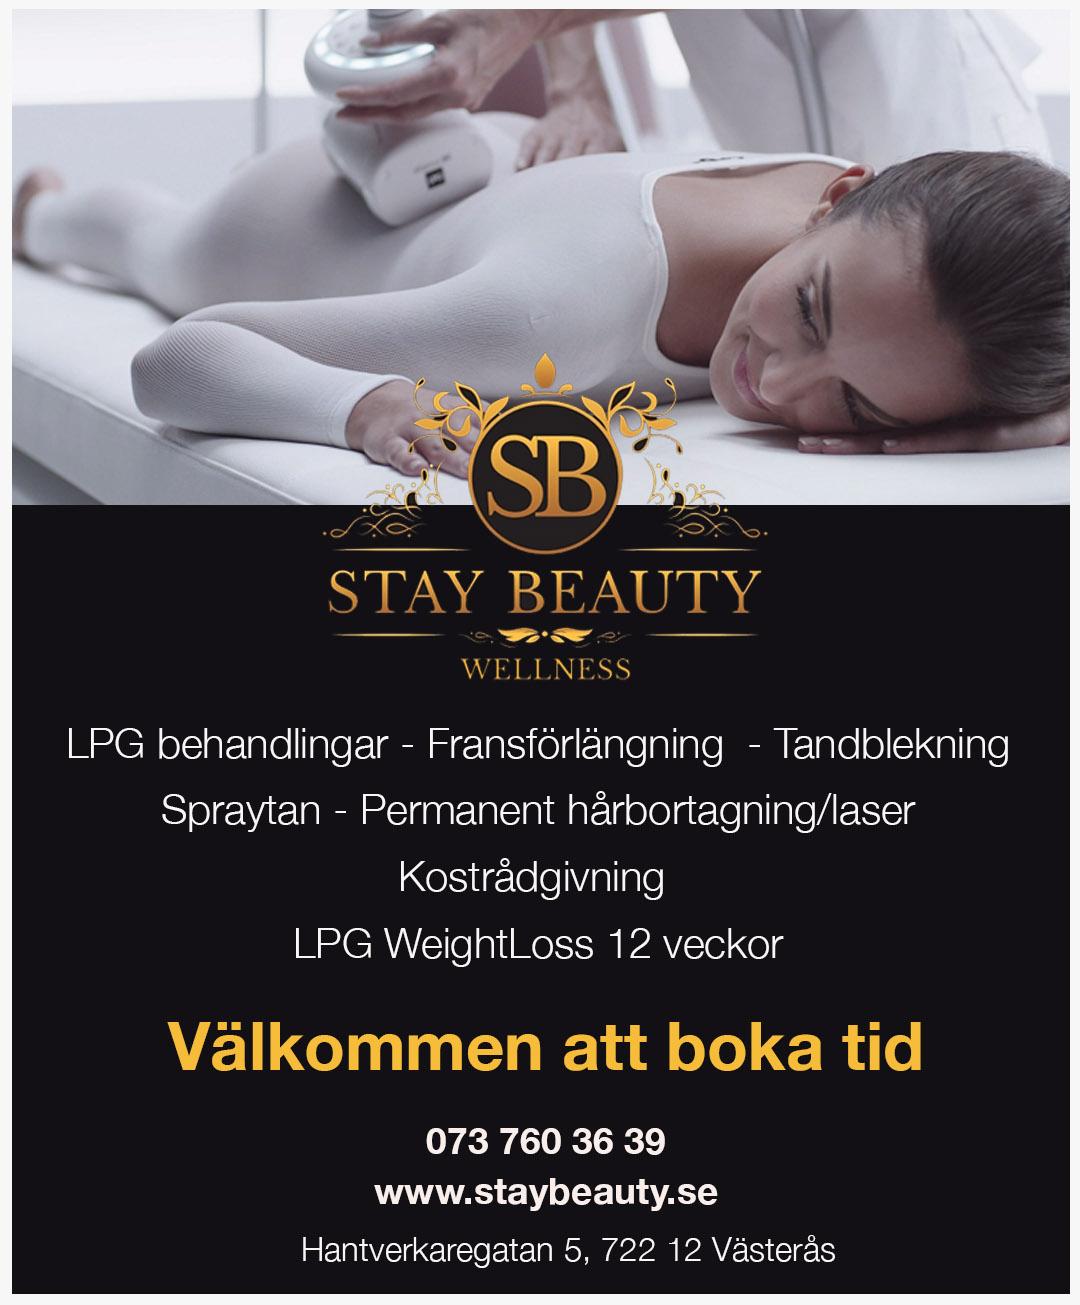 staybeauty-kampanj-Businesschannel.jpg